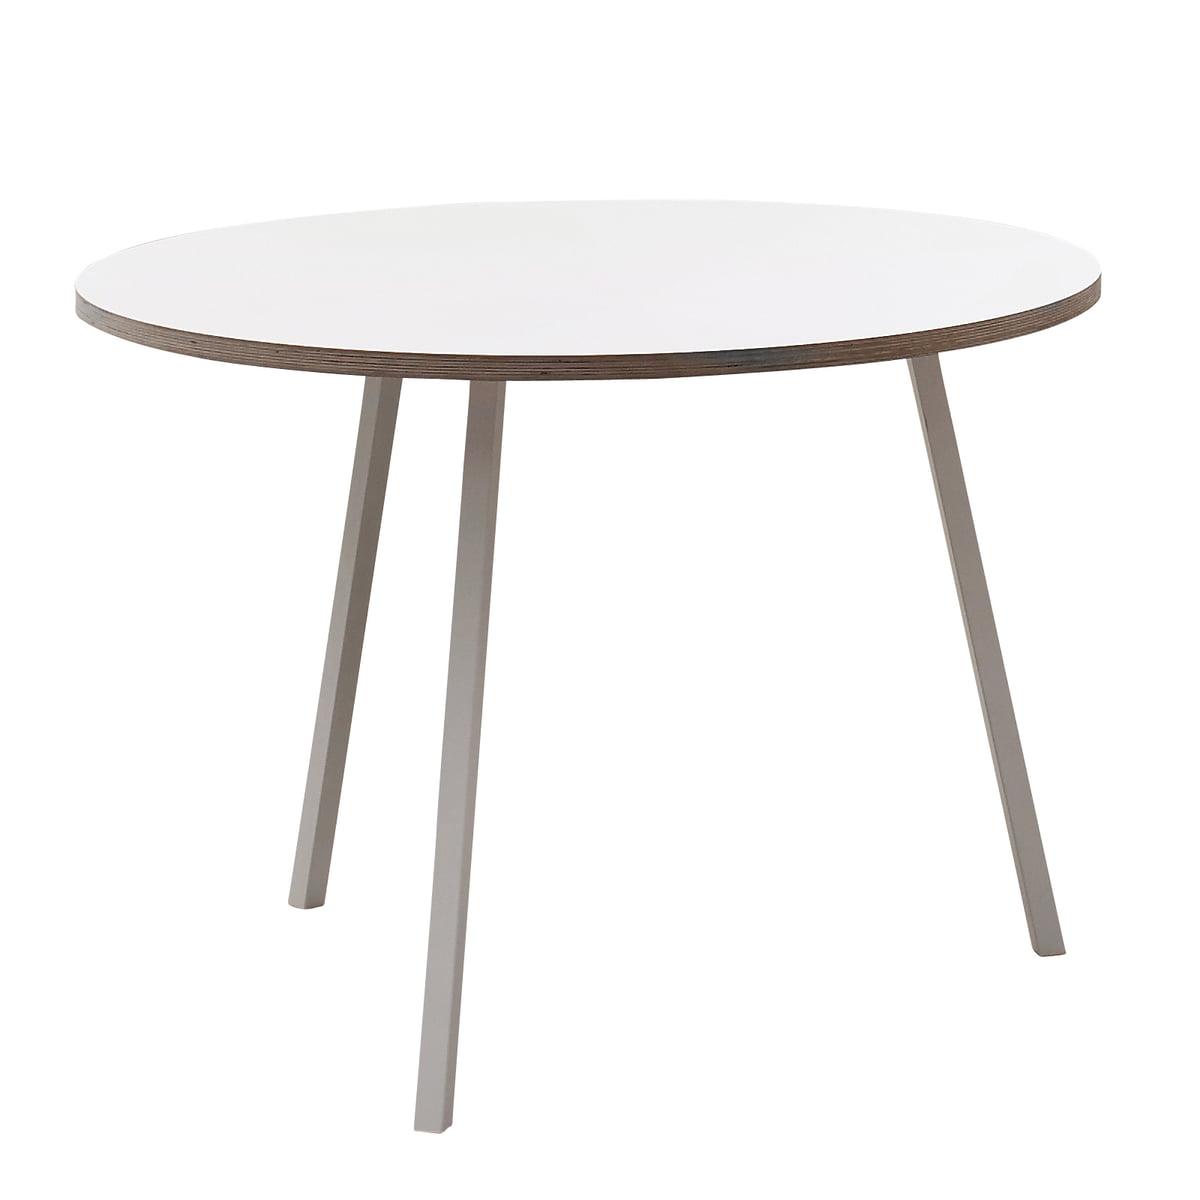 hay loop stand round table wei - Runder Kuchentisch Weis